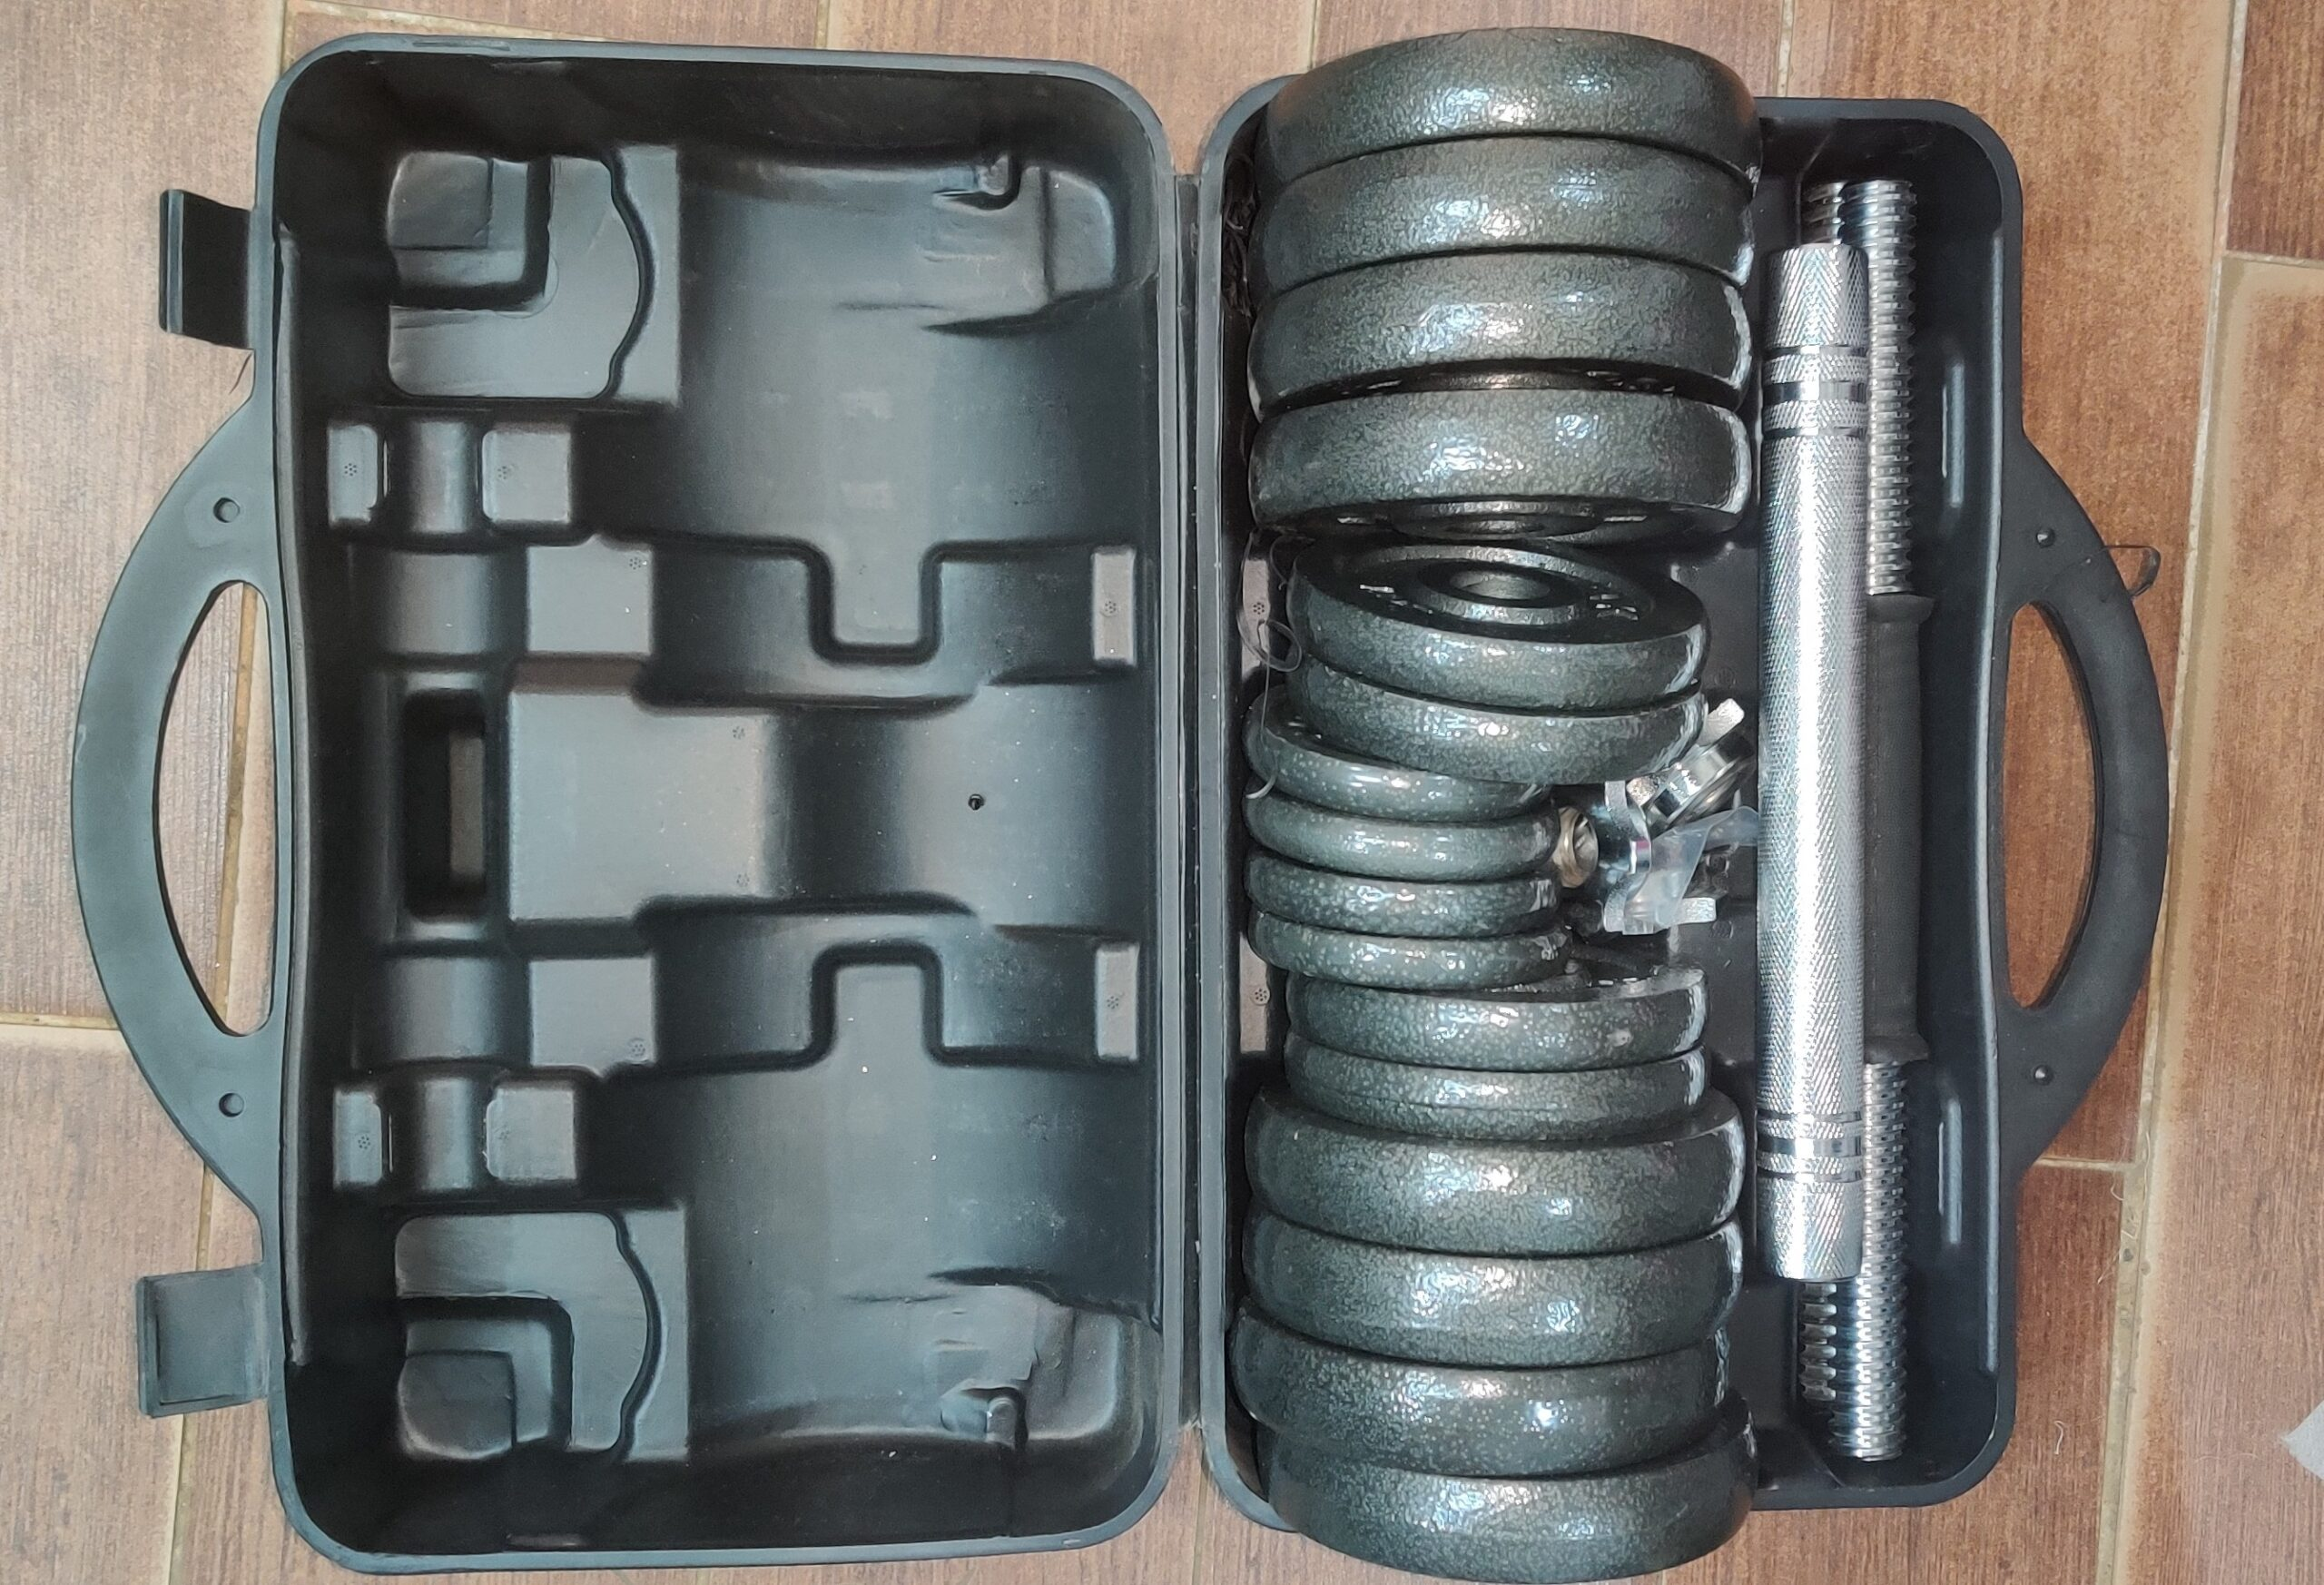 30kg iron cast dumbbells 15kg each hand